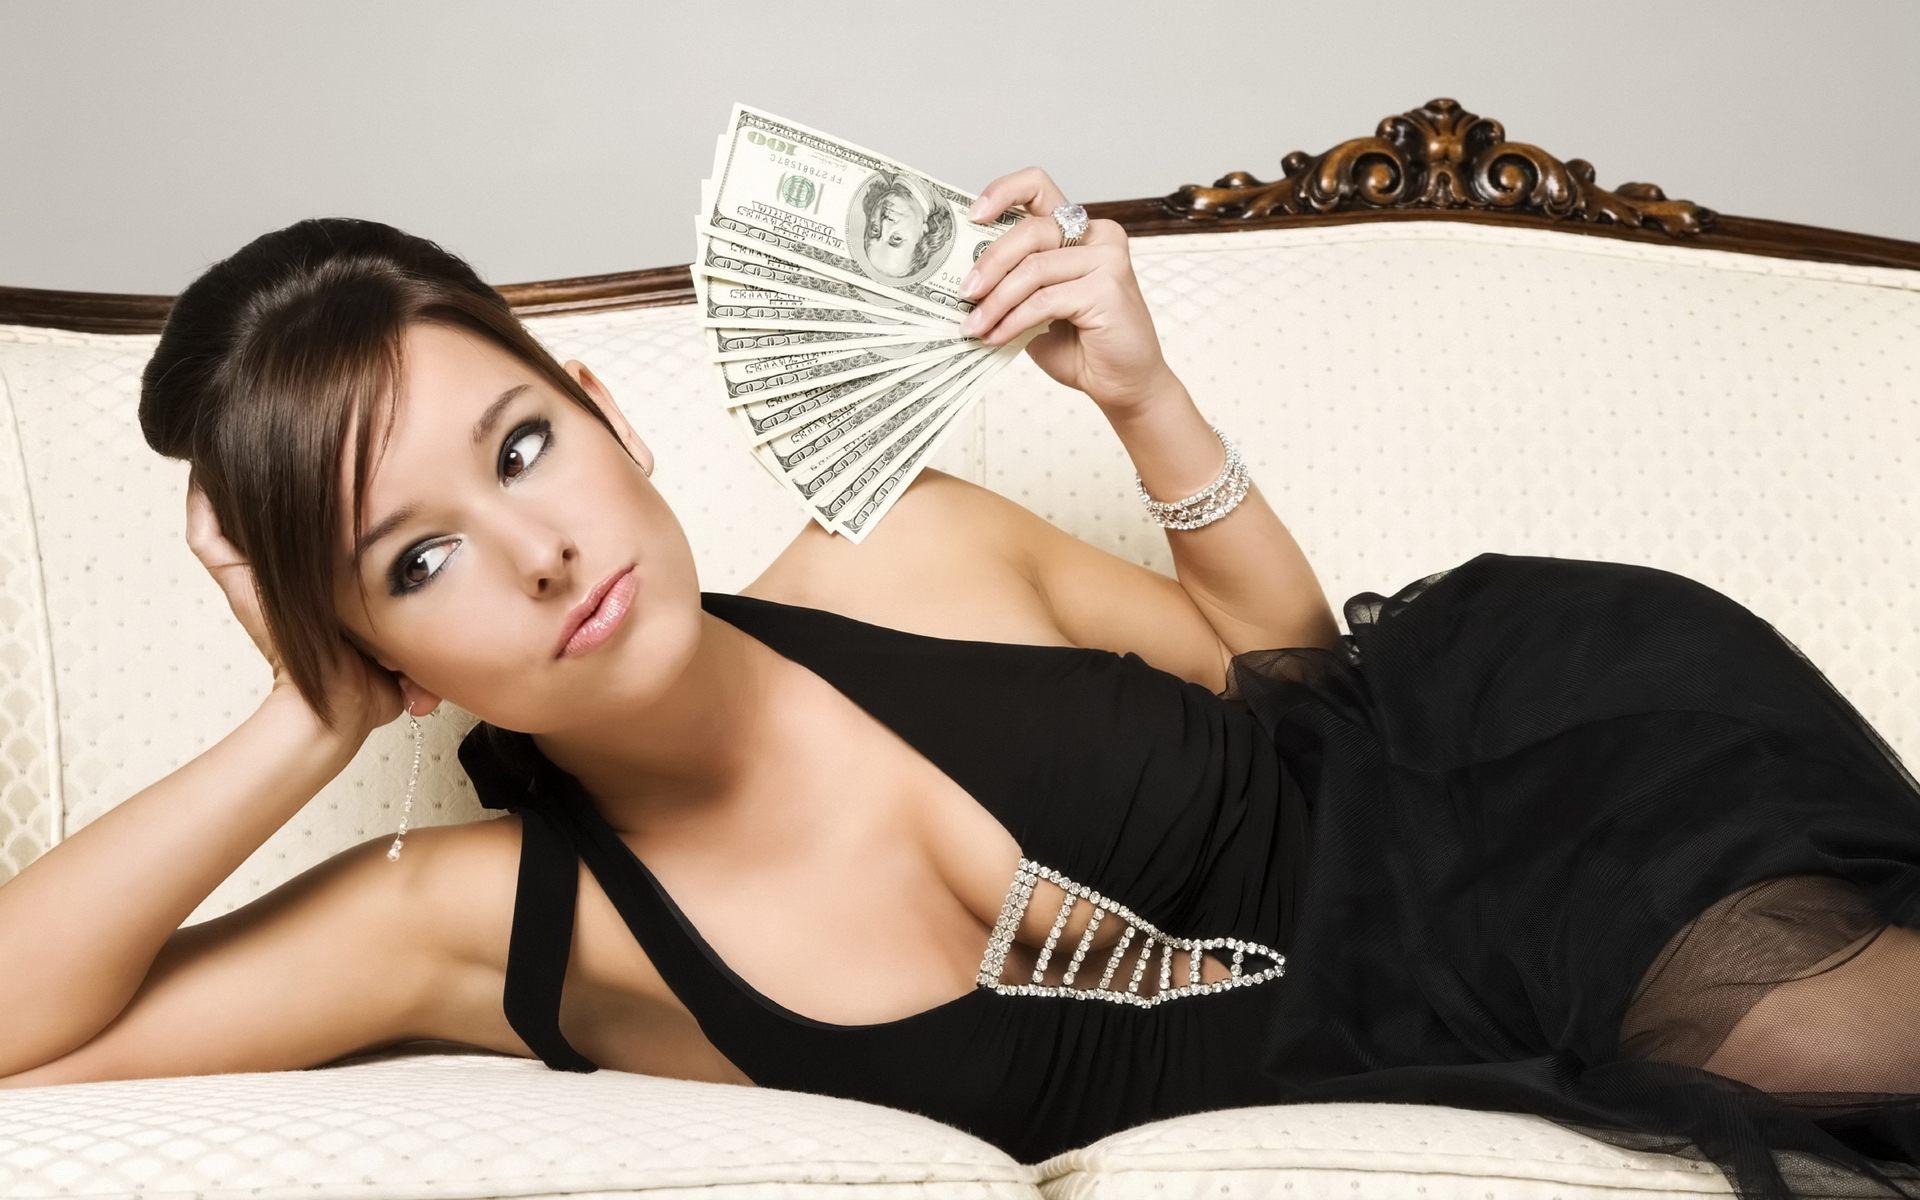 Секс за деньги на улице реально 7 фотография